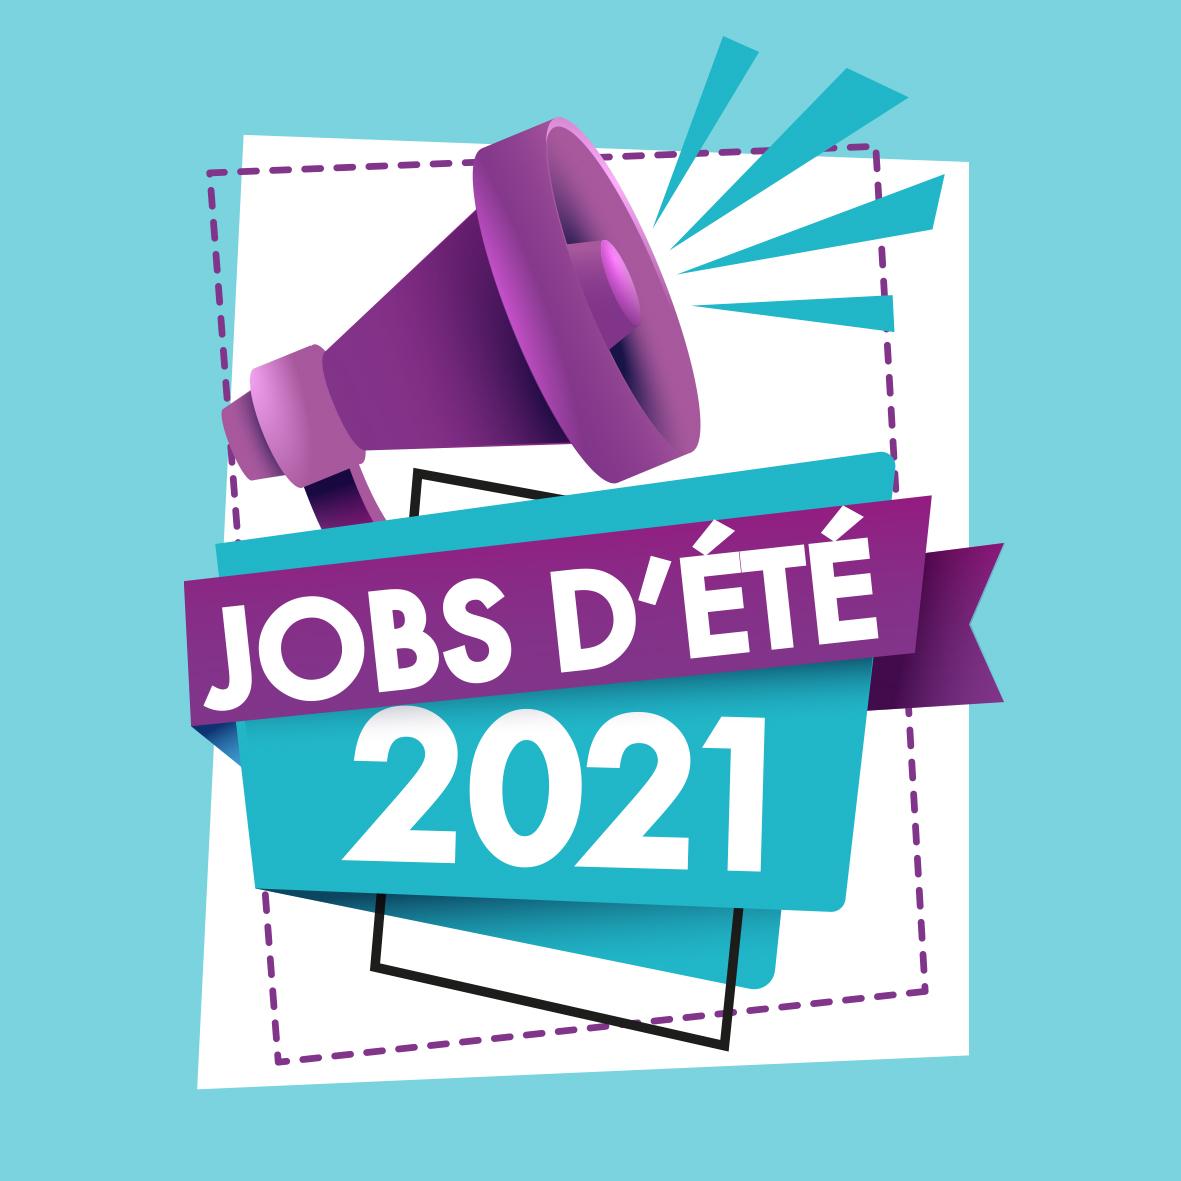 ENVOYEZ VOTRE CANDIDATURE POUR LES JOBS D'ÉTÉ 2021